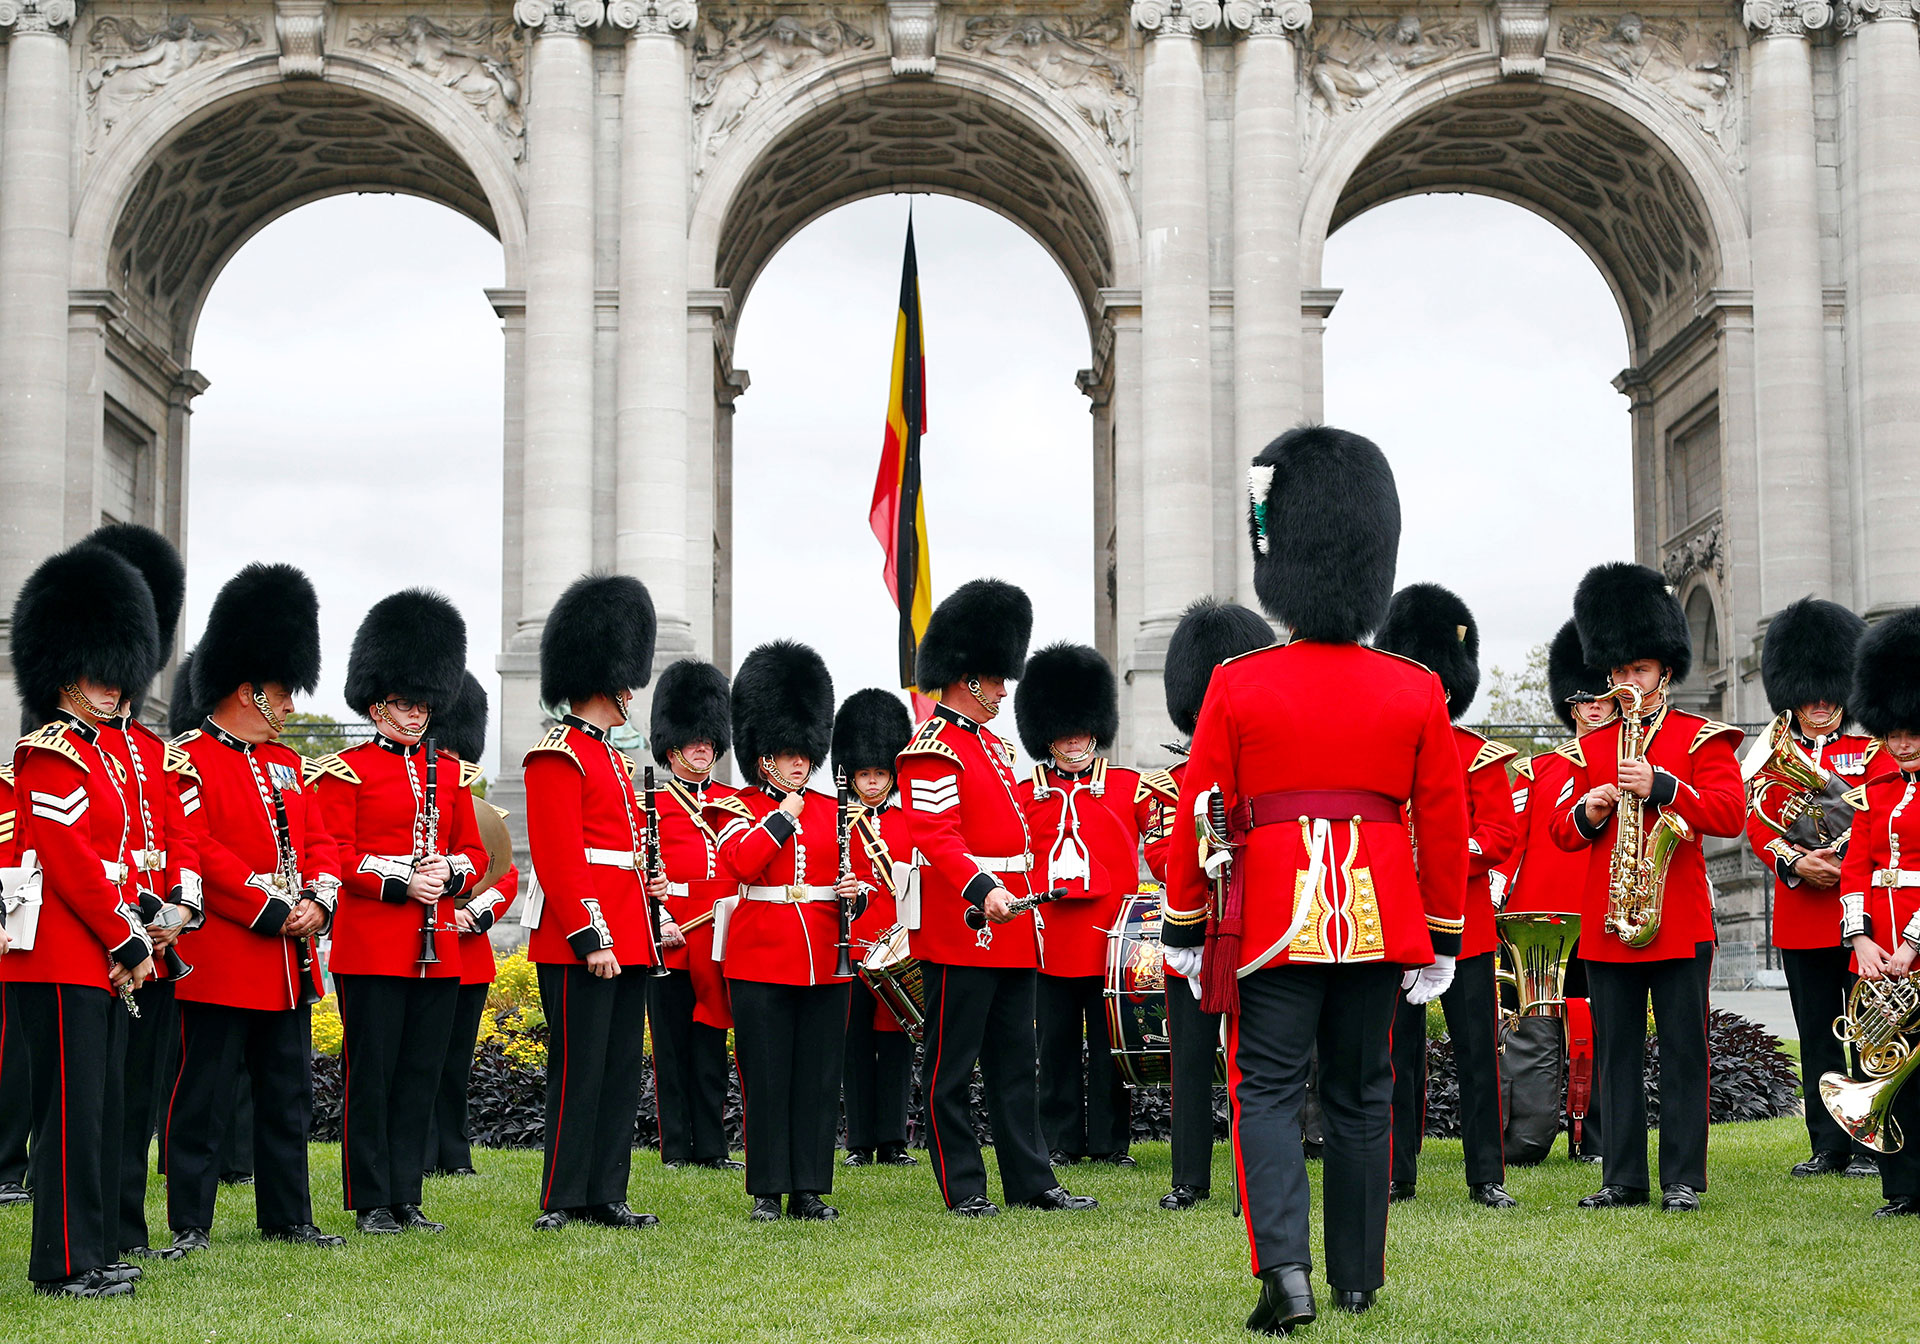 La banda galesa frente al arco del Cincuentenario, en Bruselas(Reuters)